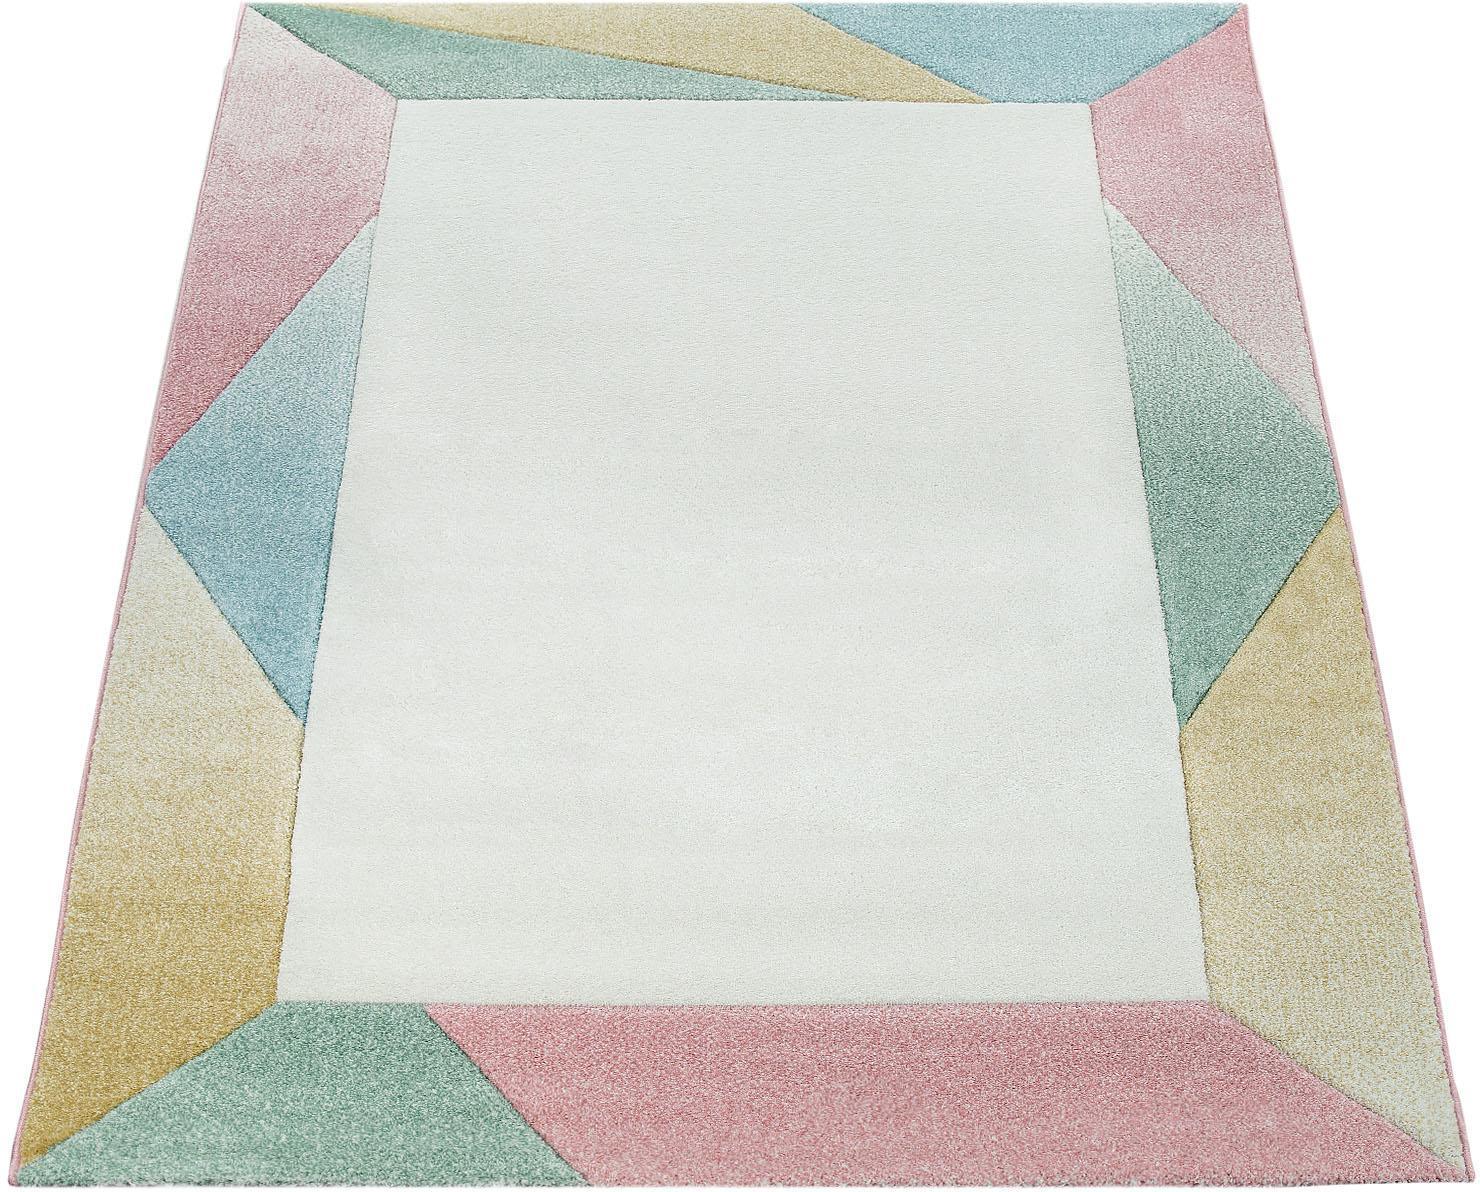 Teppich Mia 300 Paco Home rechteckig Höhe 17 mm maschinell gewebt